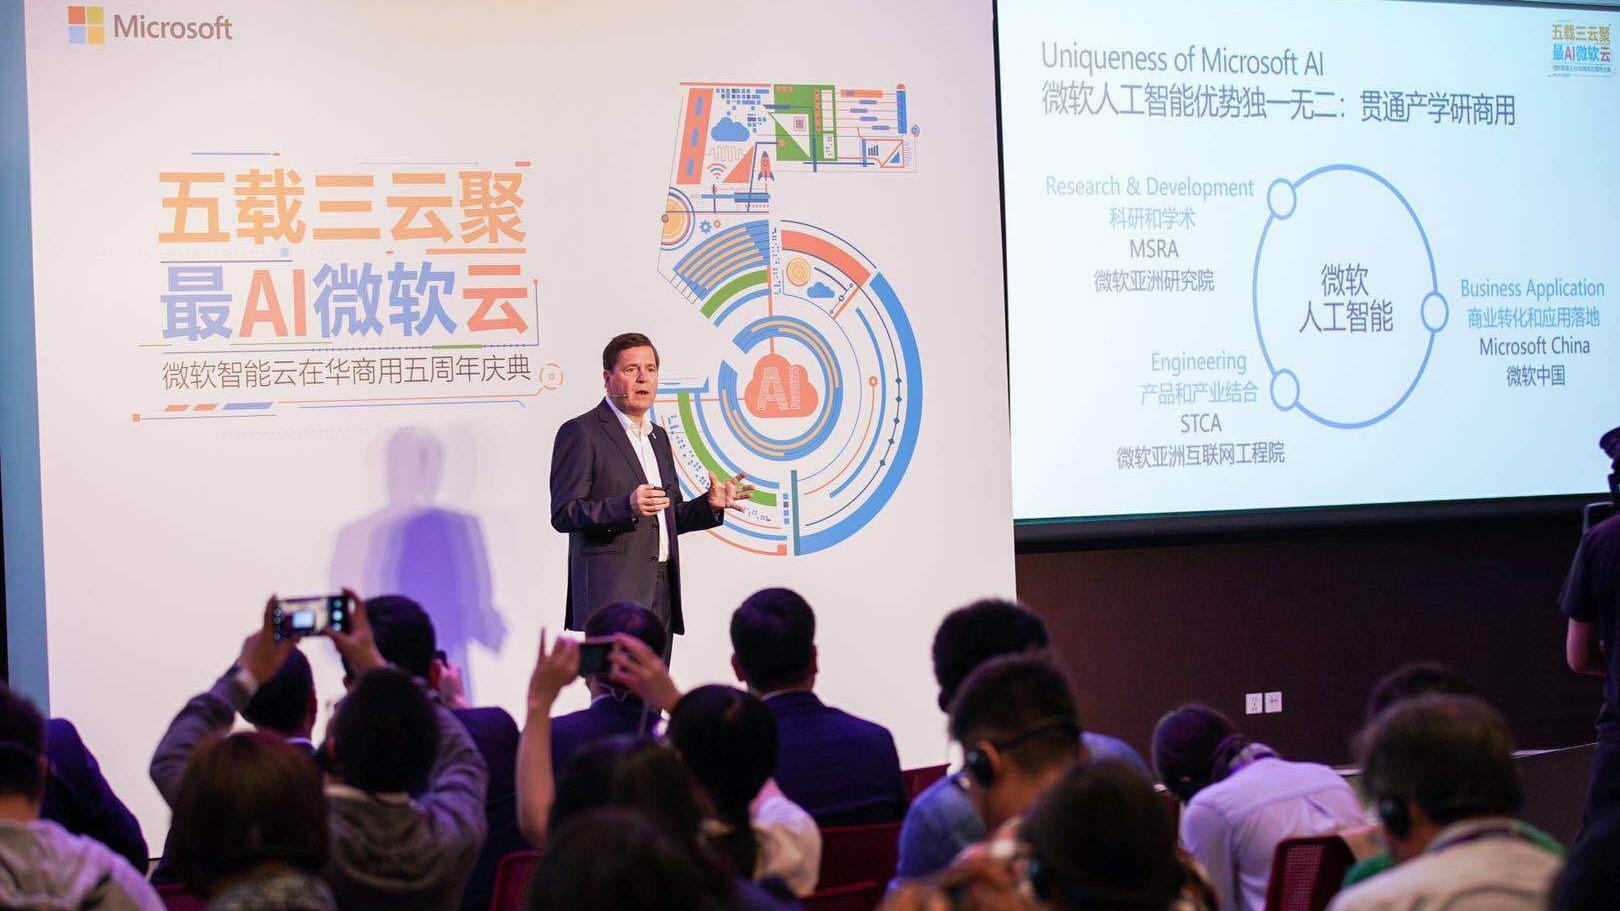 微软公有云入华五年:稳步增长靠的是创新之耐力